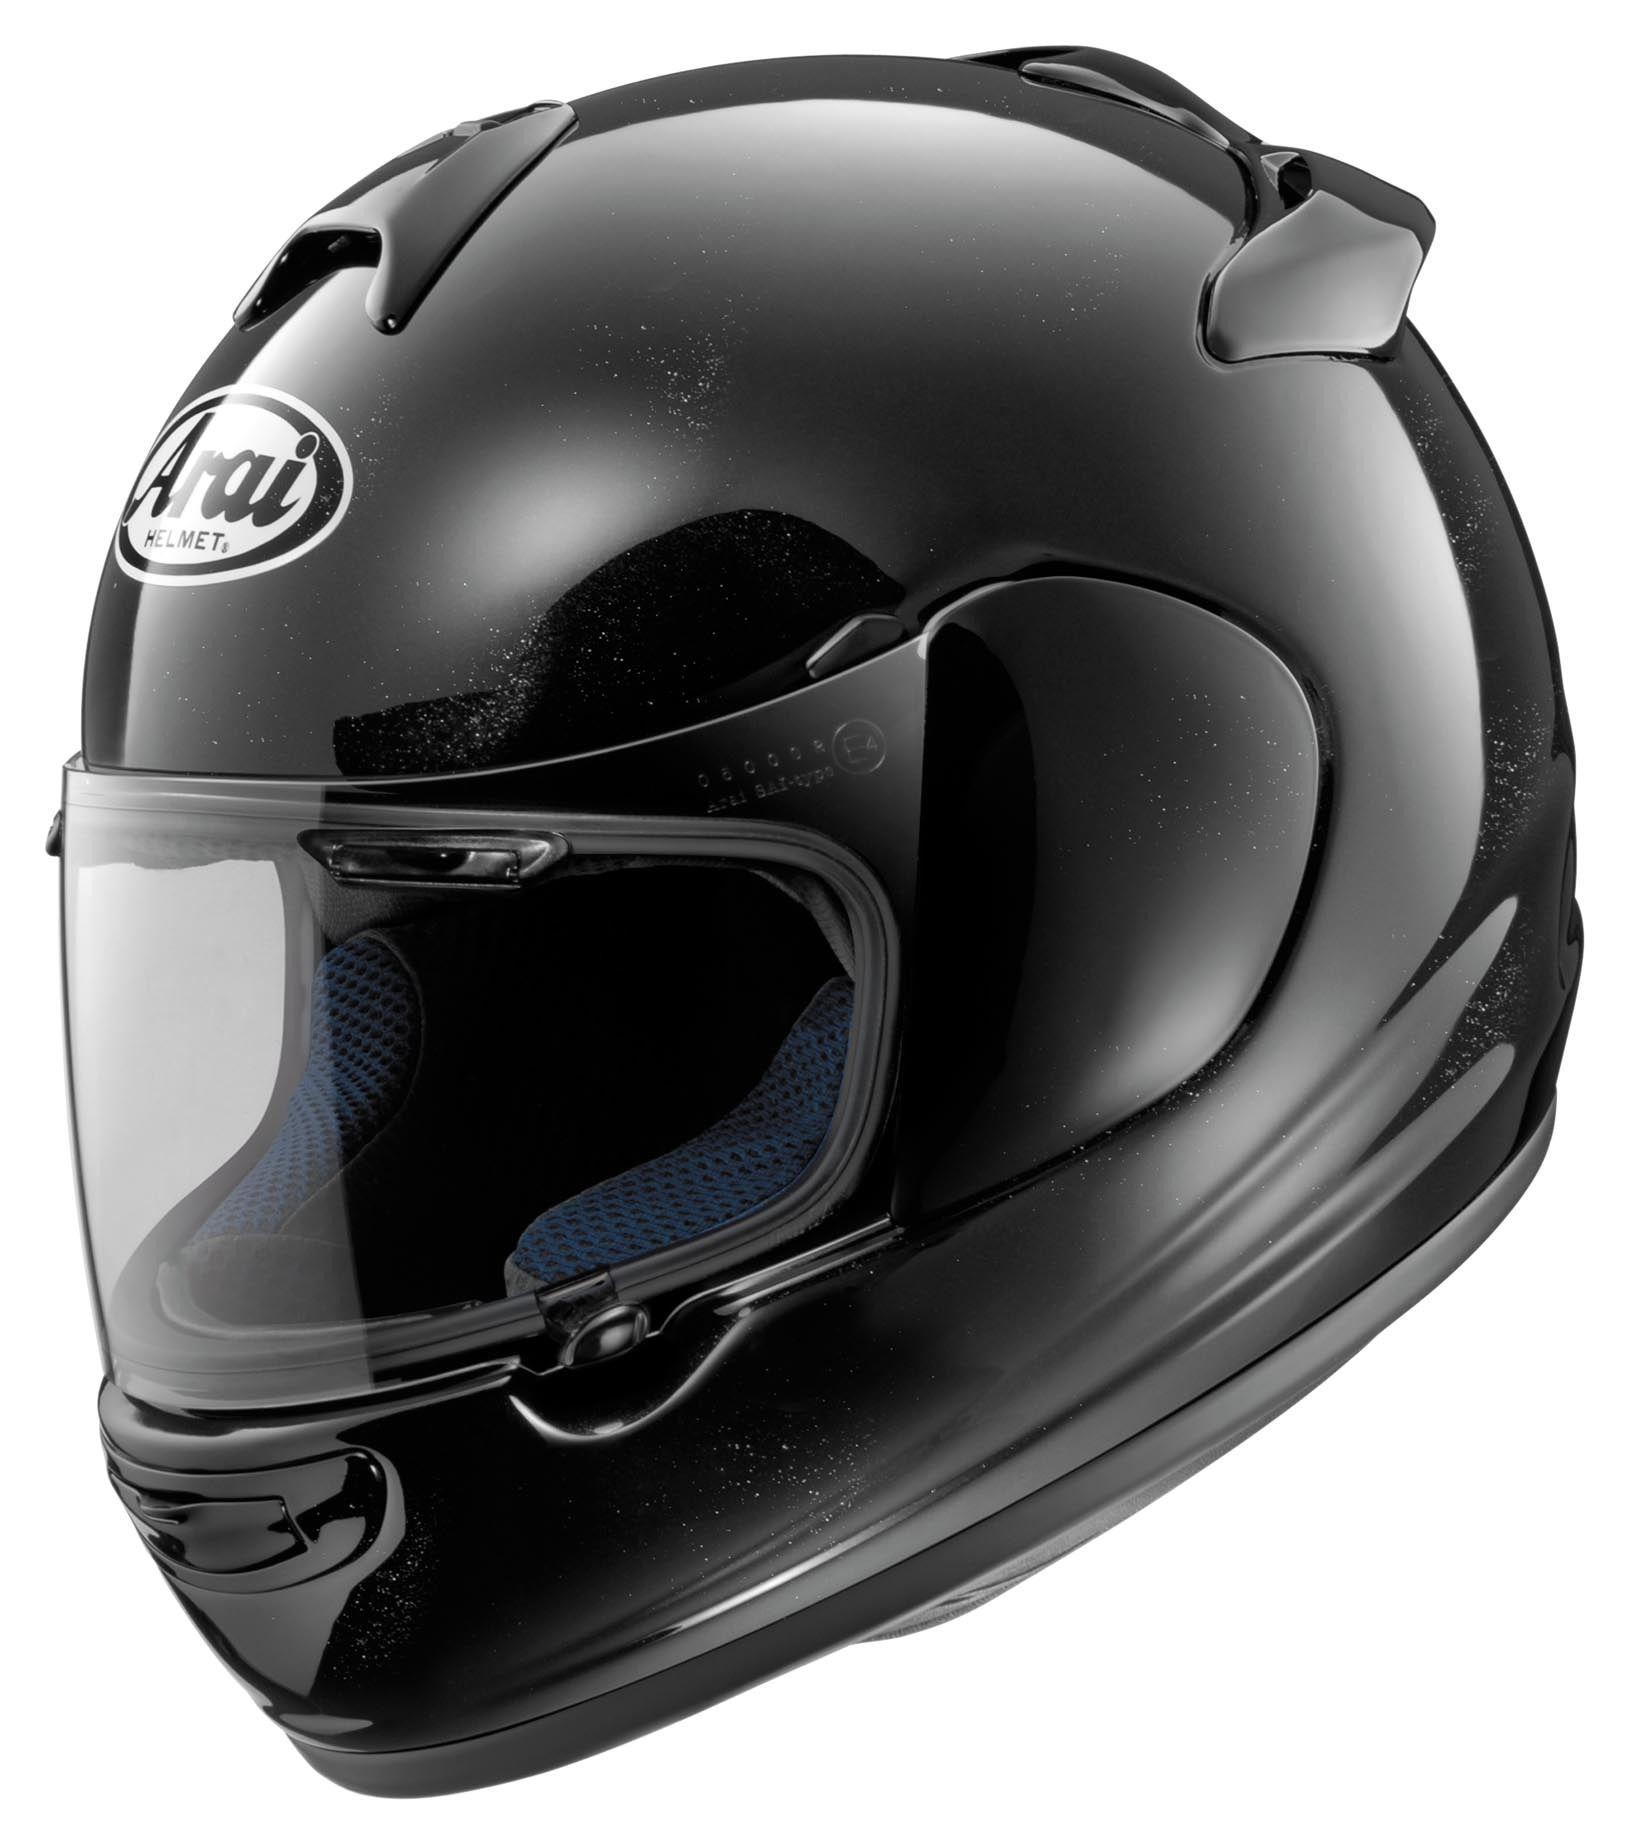 Arai Helmets Vector PNG